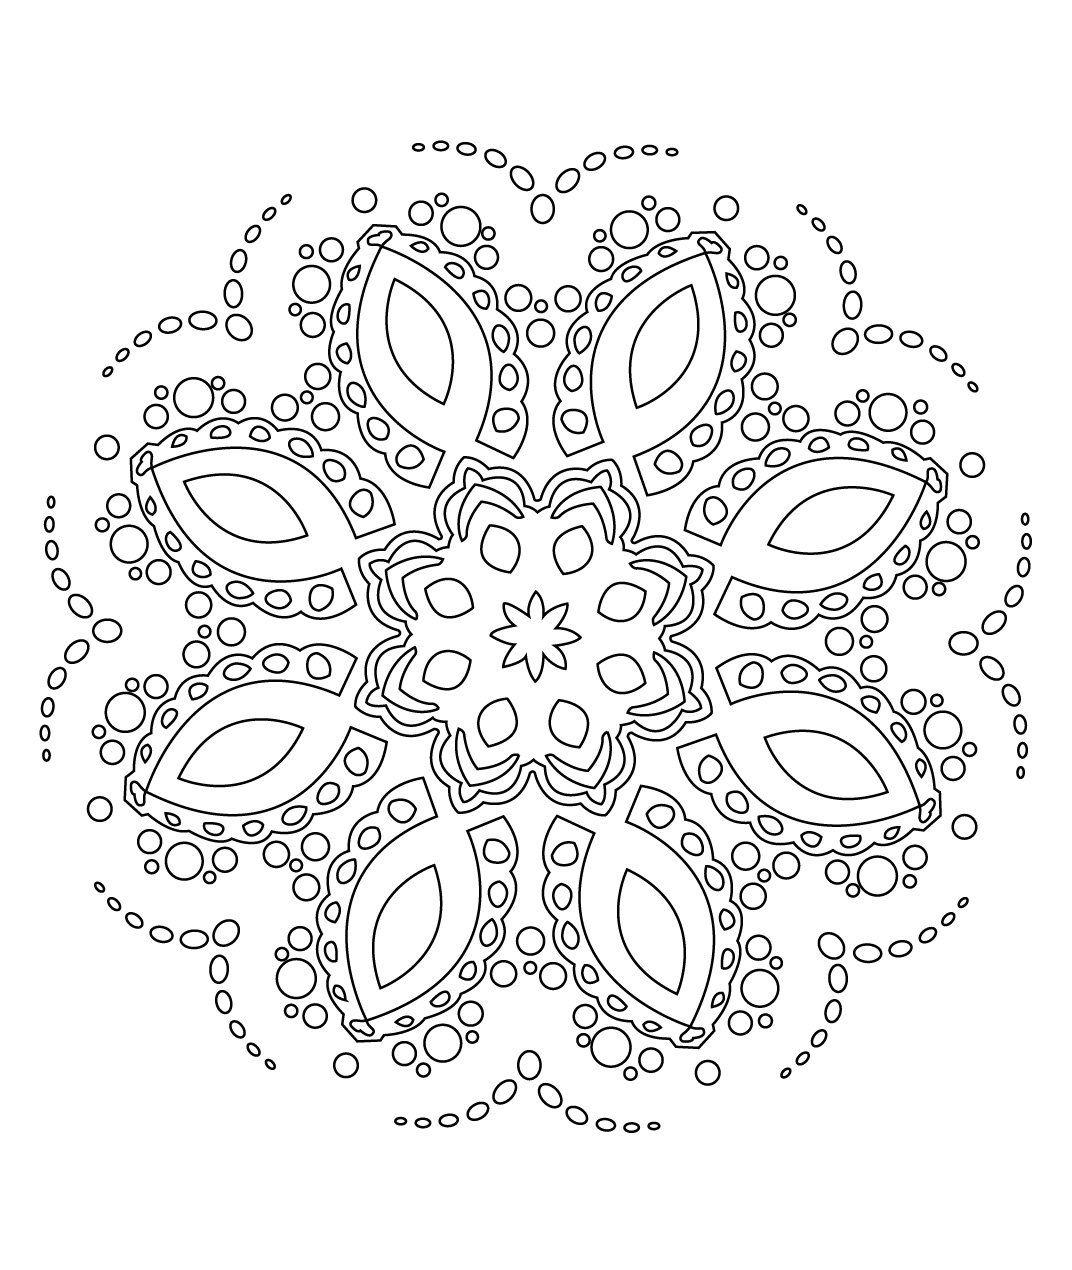 Stci coloriage pour adultes et enfants mandalas zabou et ses mandalas mandala coloriage - Mandalas a colorier pour adultes ...